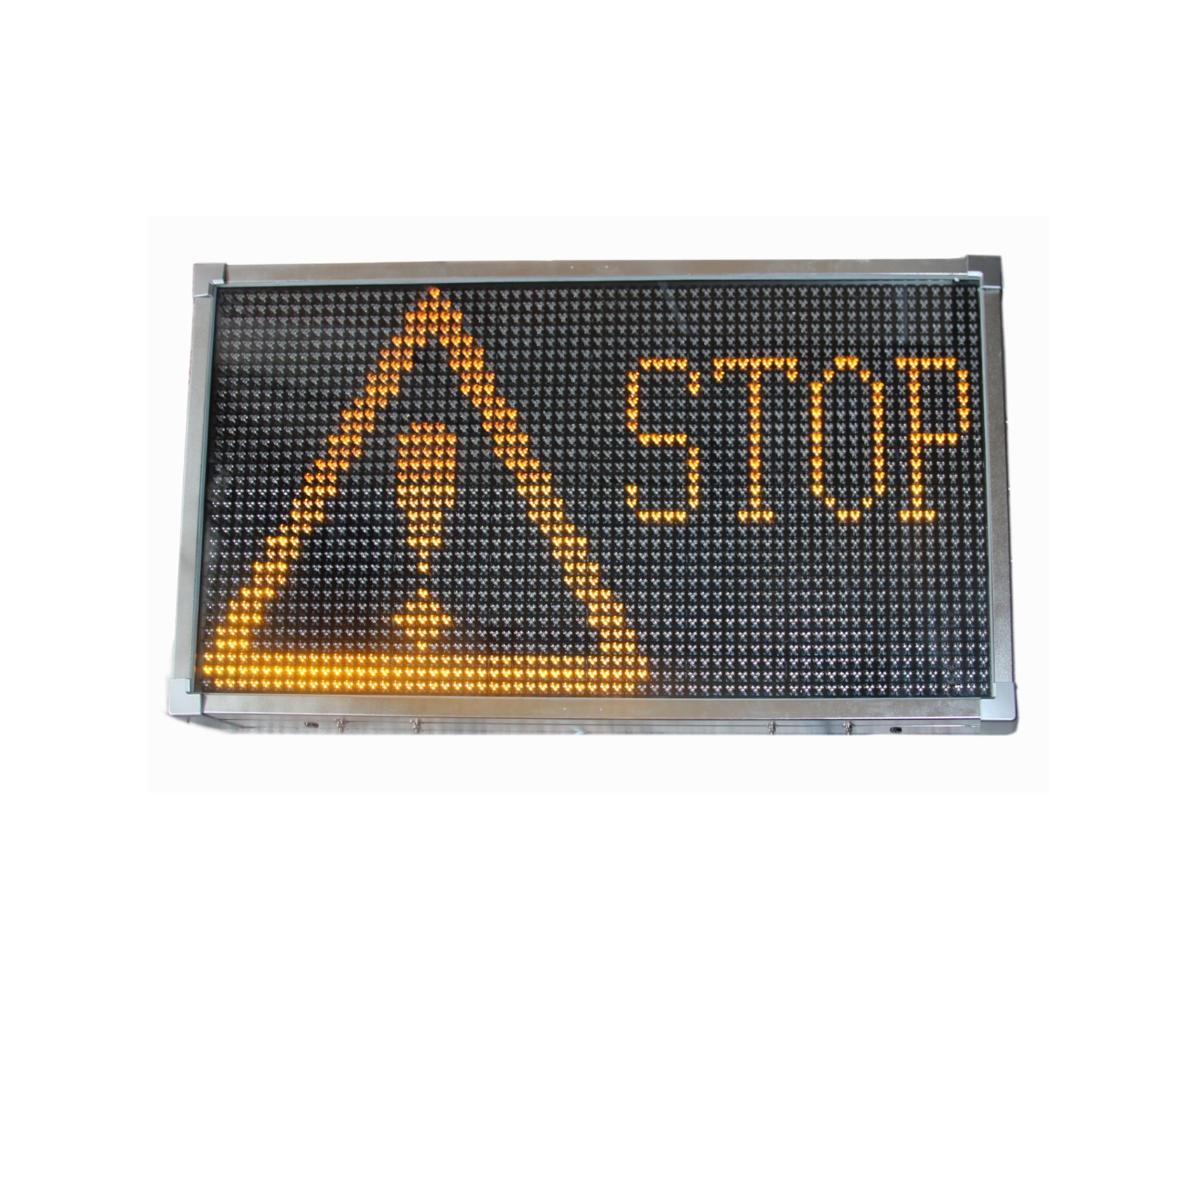 LED display med tekster  - Marnardal - LED Display med varsel tekster FULL PRIS 21 125,- eks mva. LED display med forhåndsprogrammerte varsel tekster. i kontrollboksen ser man hvilken tekst som vises på displayene, og kan enkelt veksle mellom de ulike forhånds programmerte tekst - Marnardal